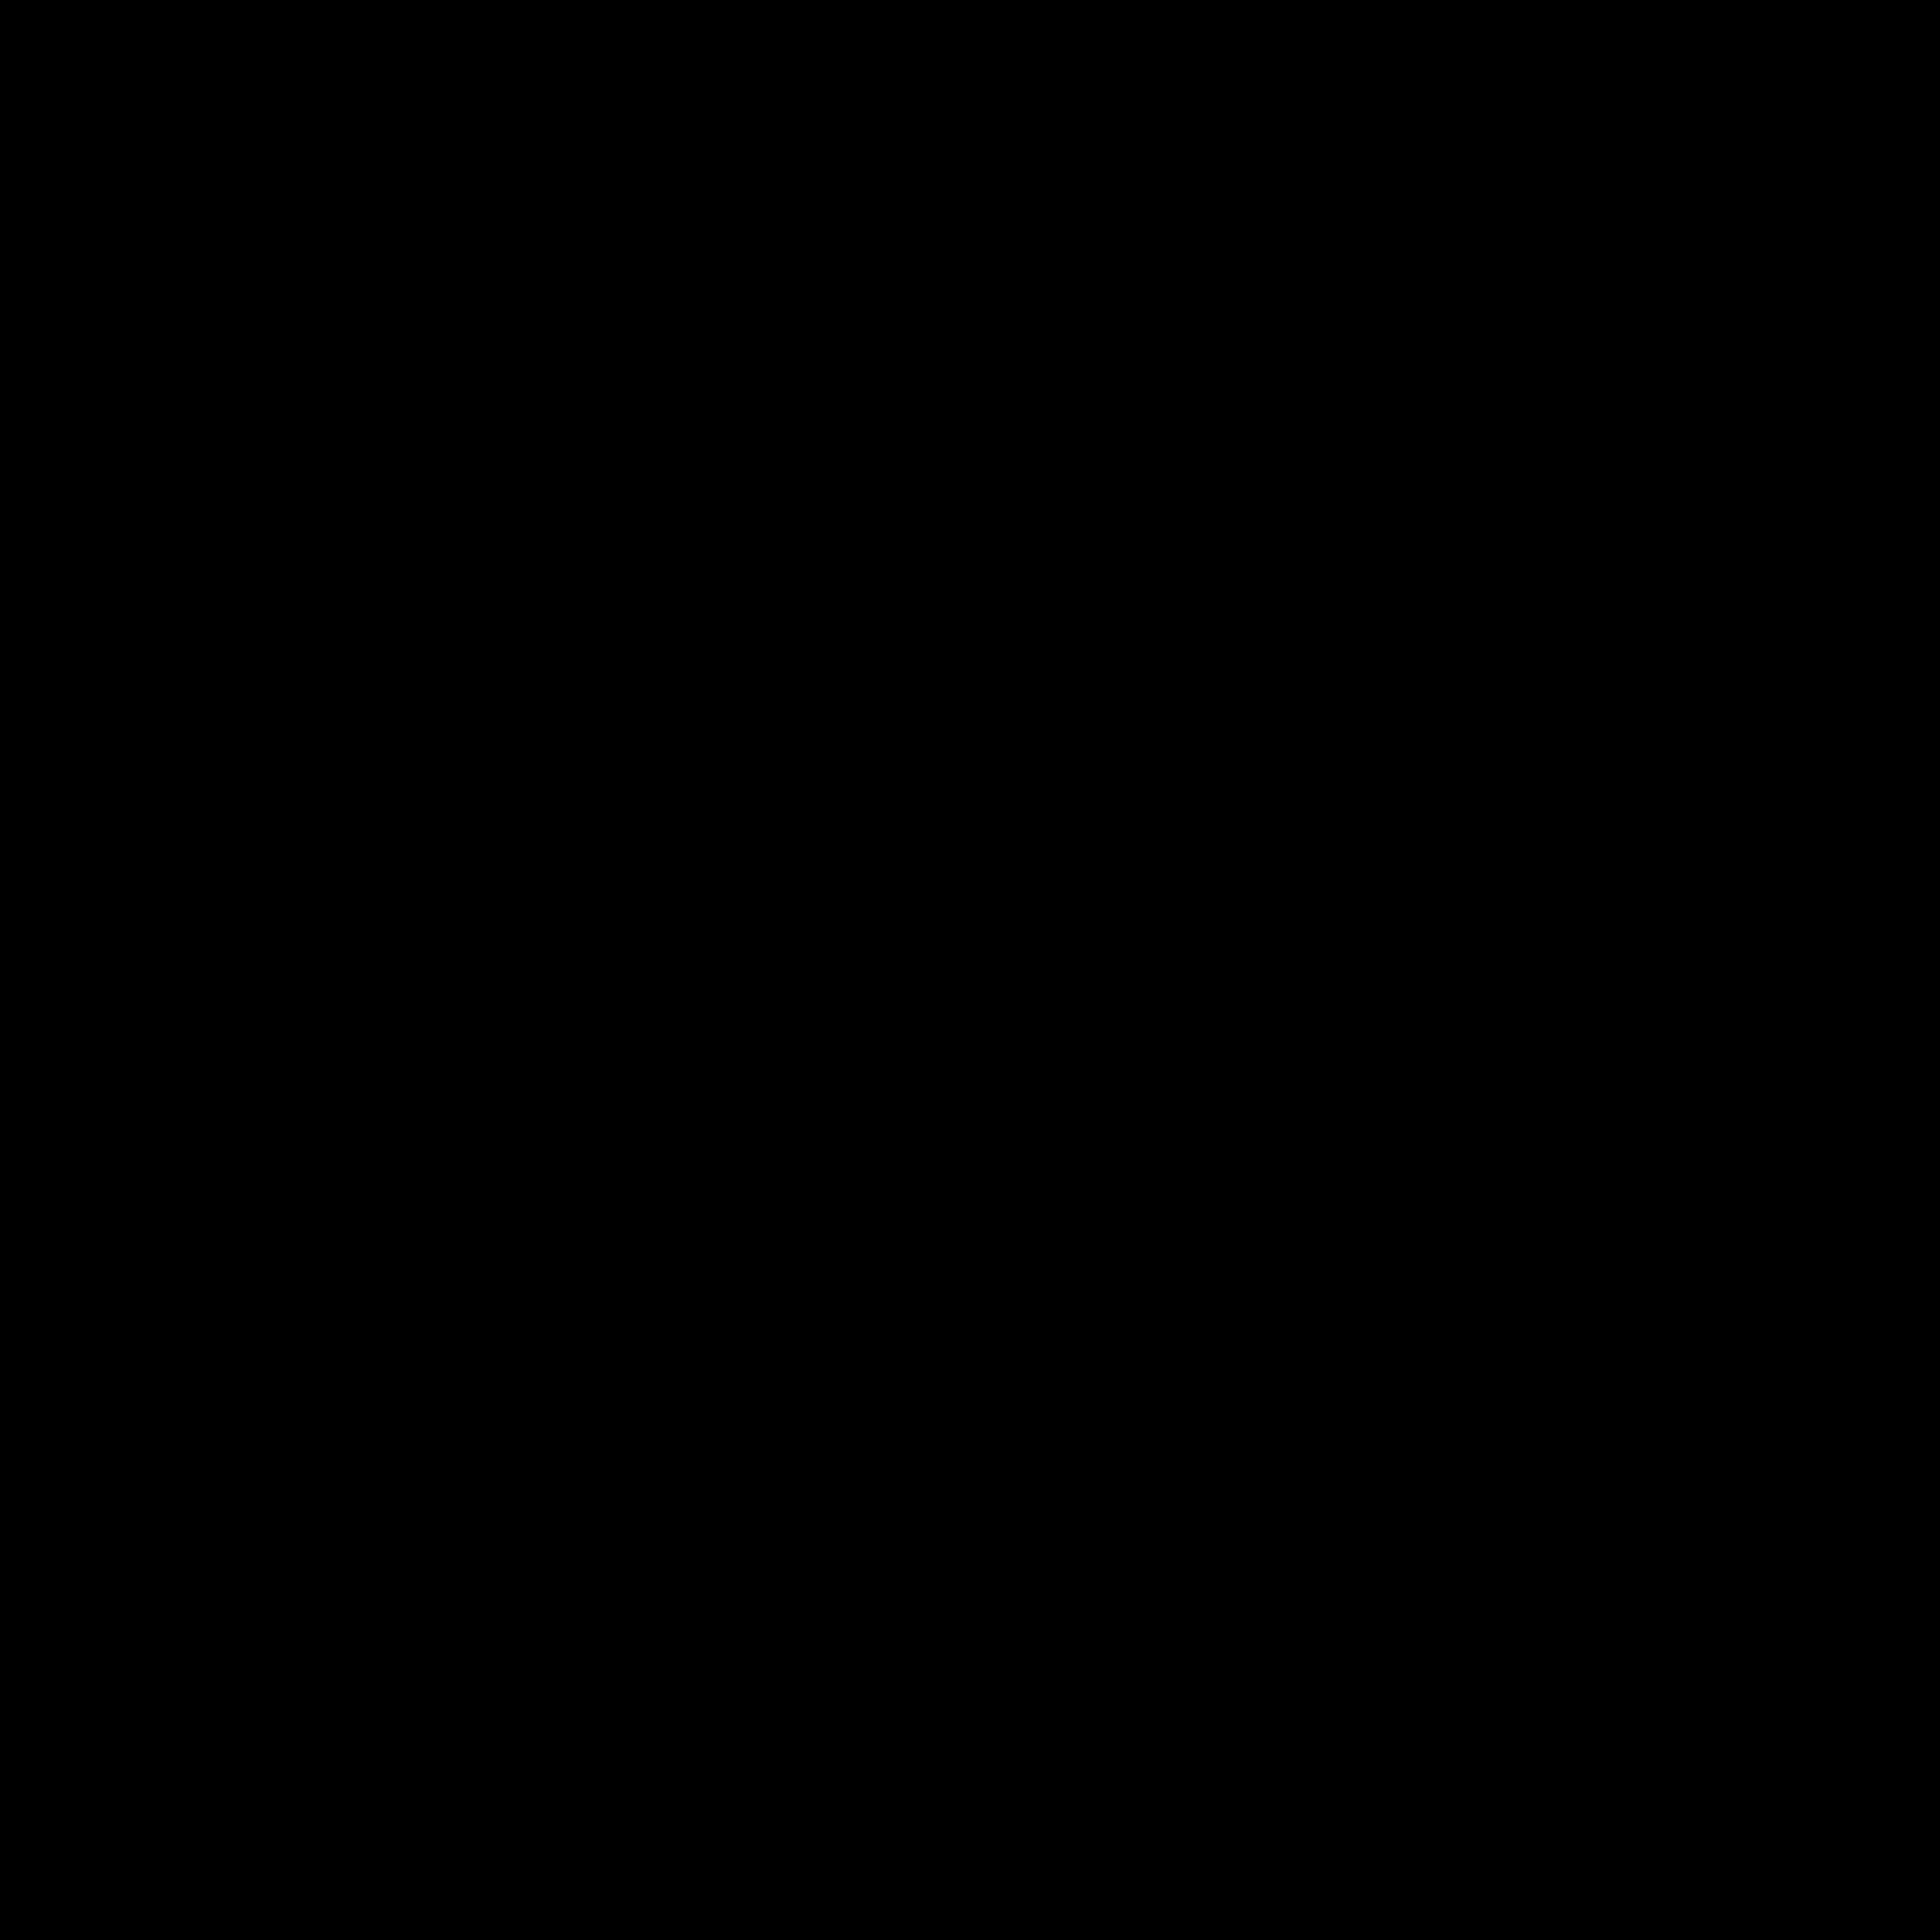 Clipart diamond square. Handkerchief shape silk clip